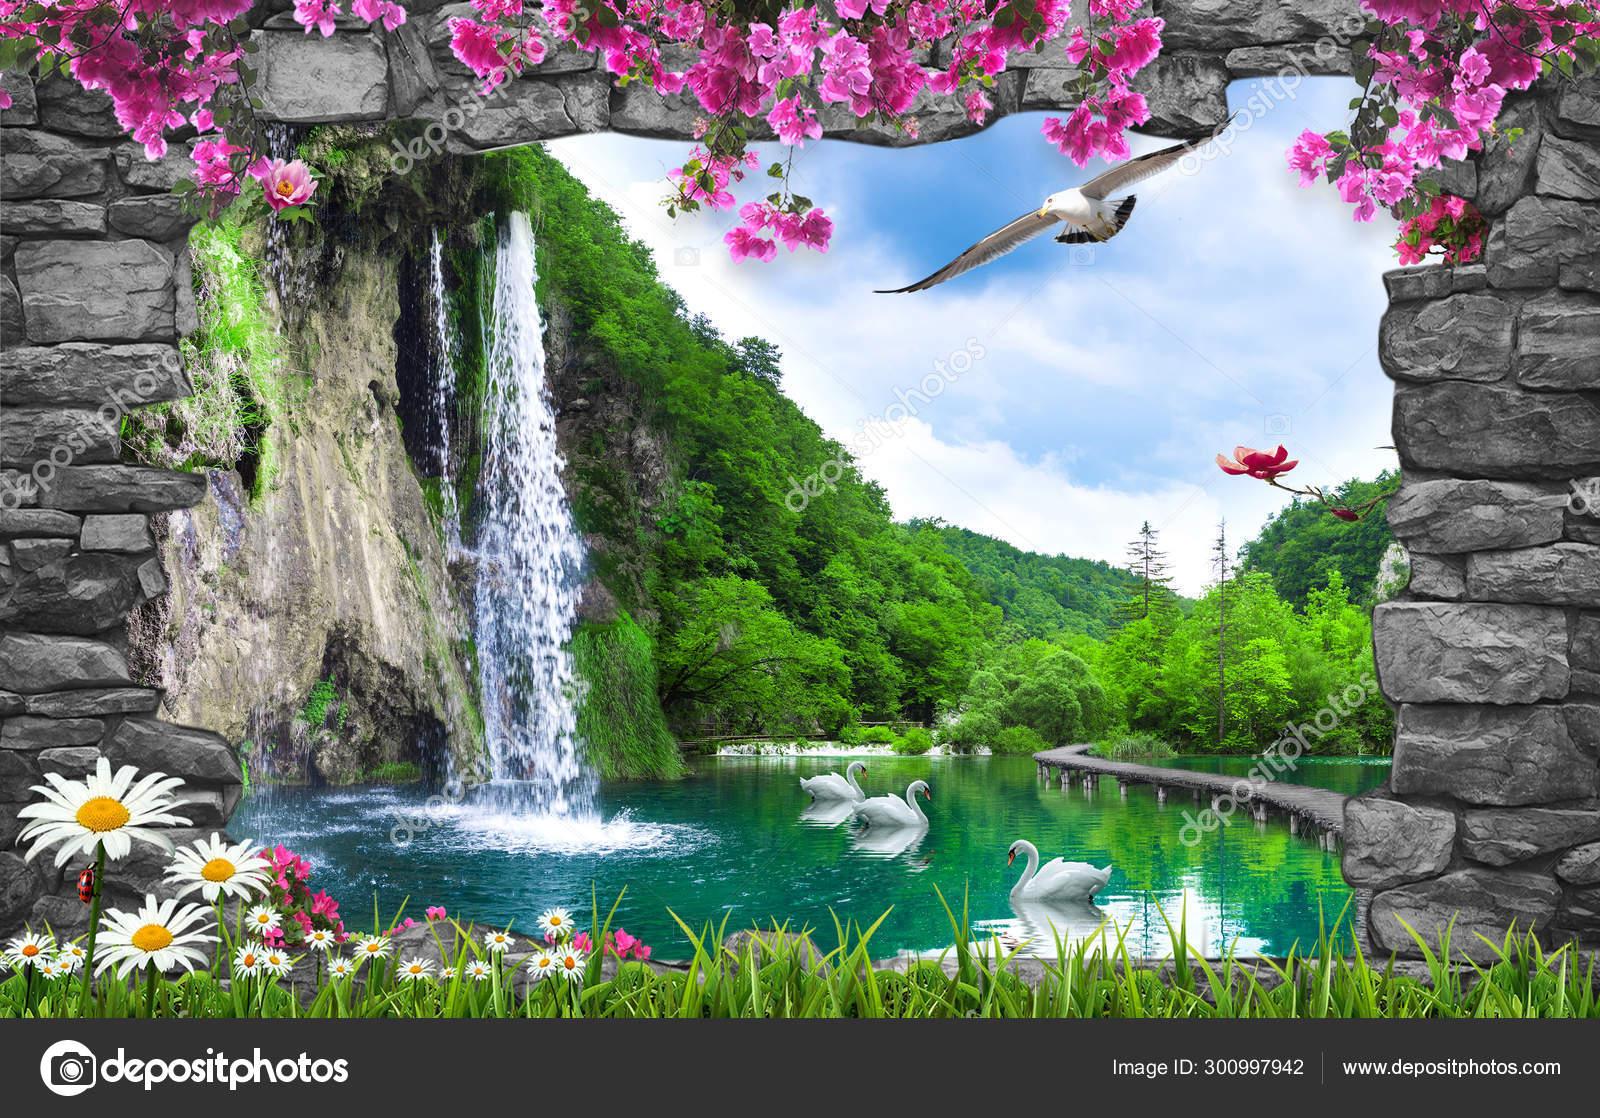 Amazing Nature Background Wallpaper Stock Photo By C Zevahir 300997942